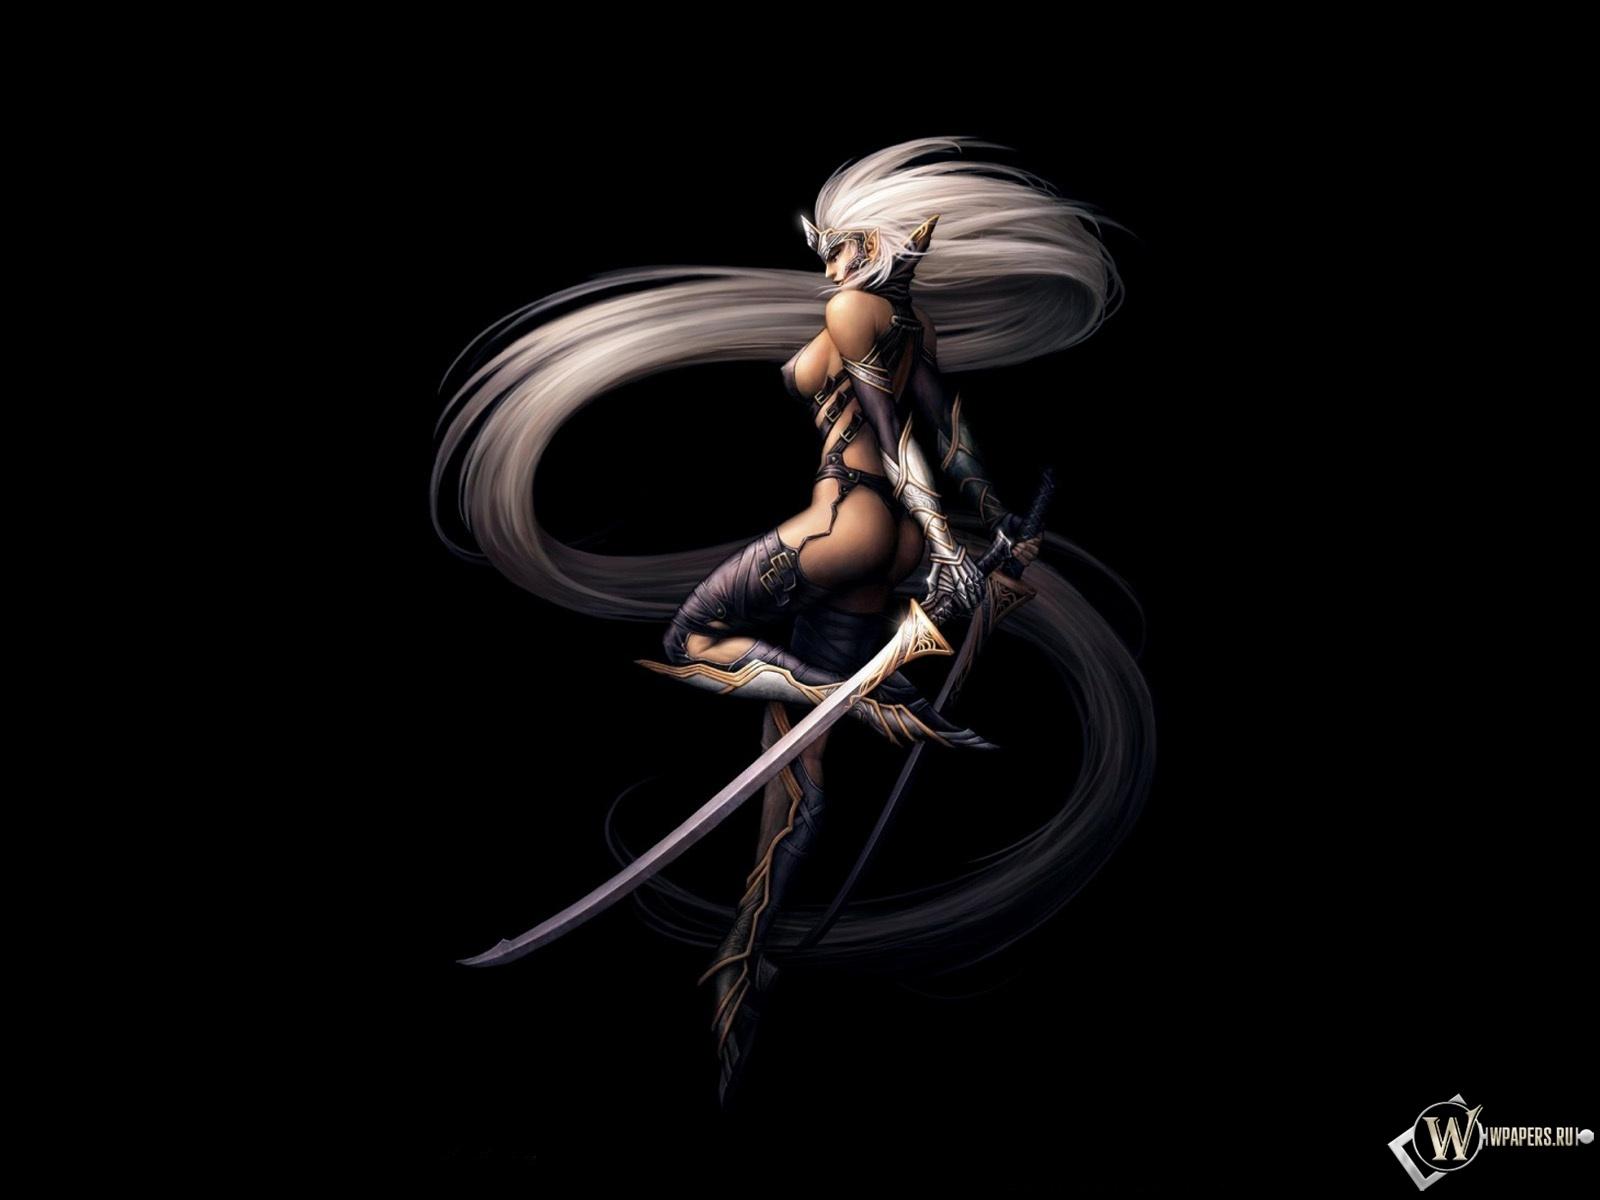 Эльфийка-воин 1600x1200